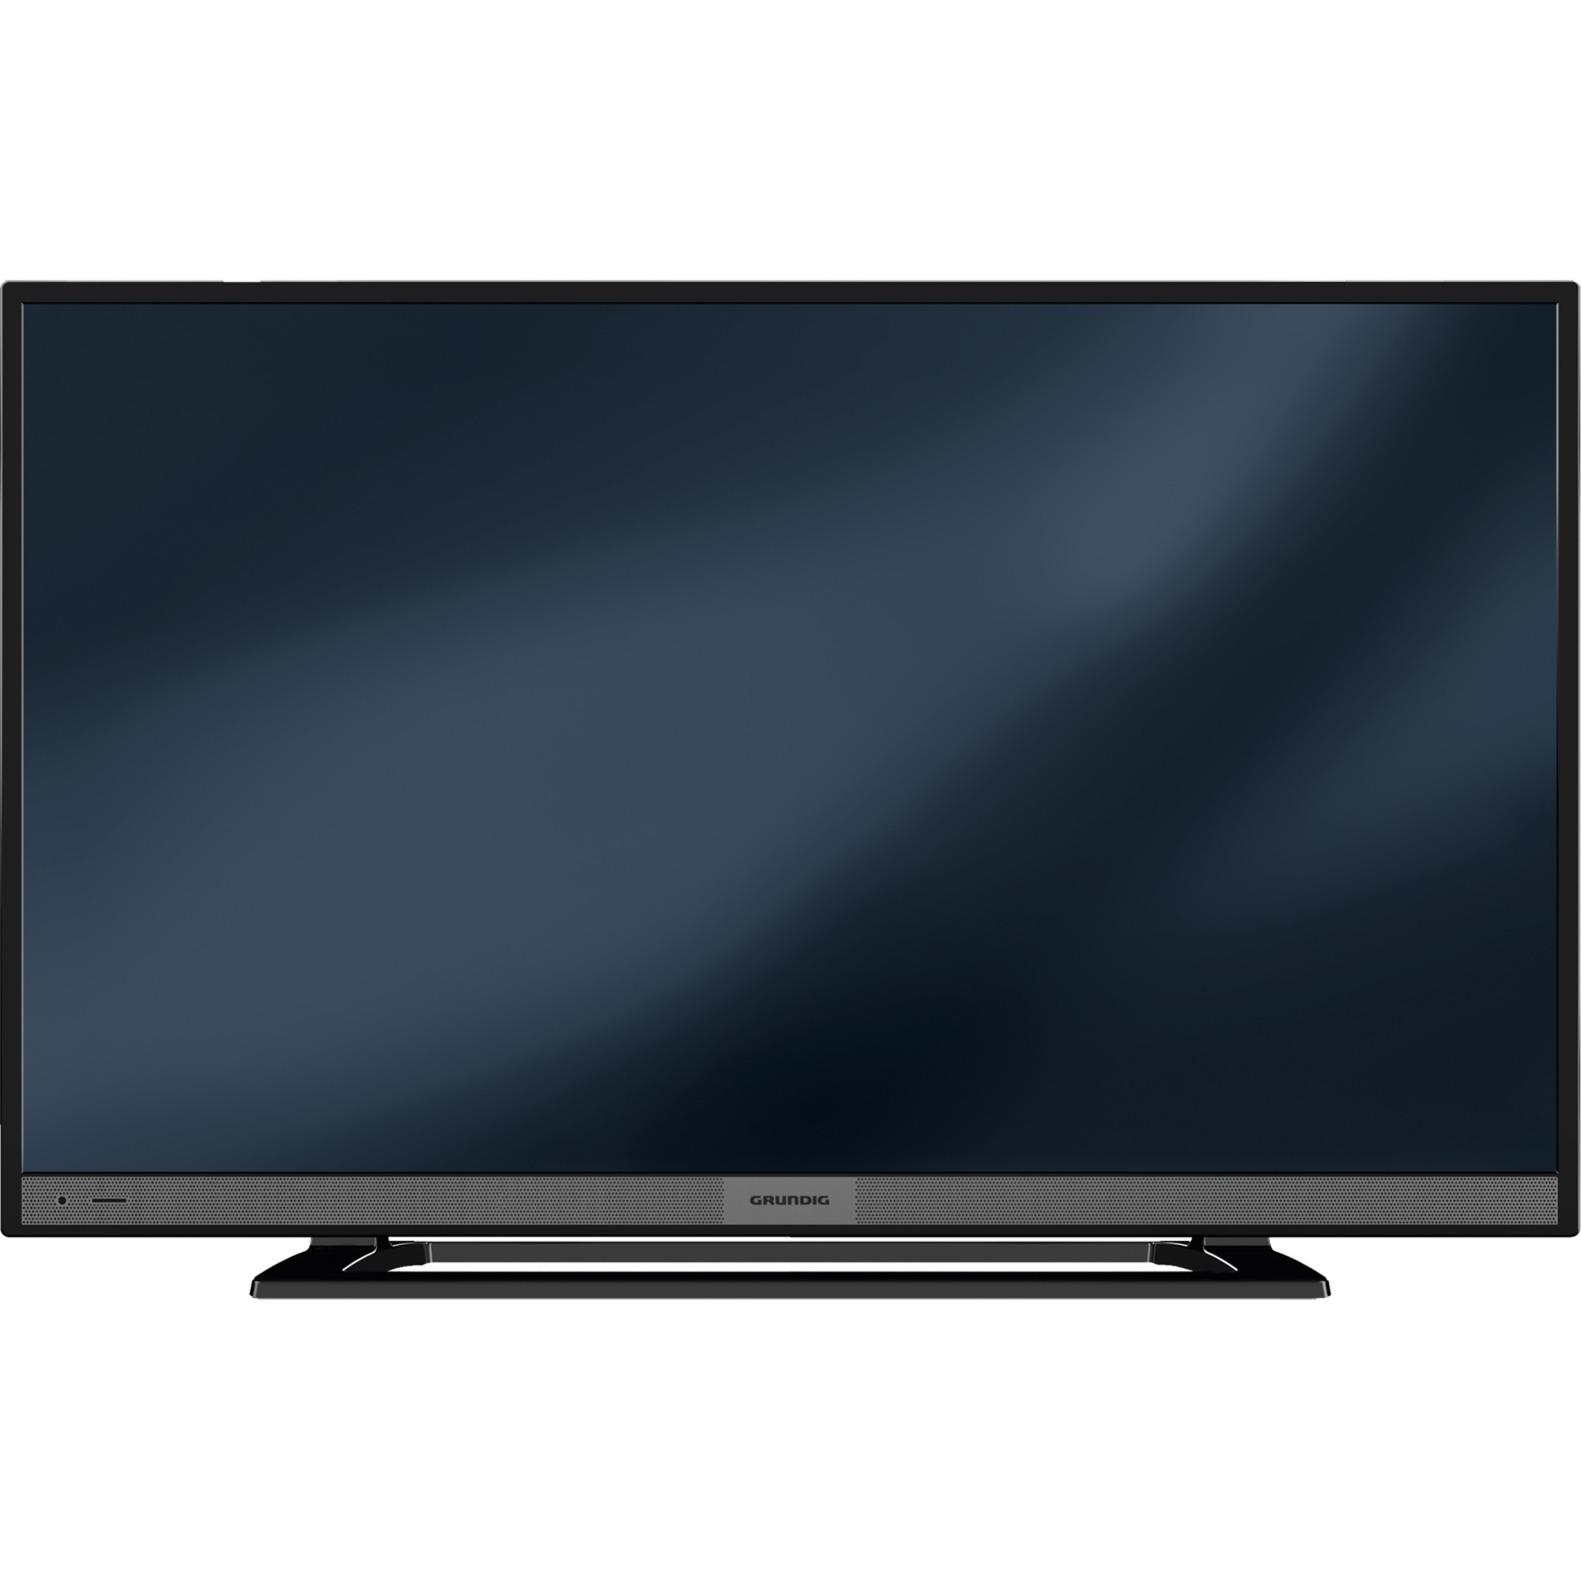 inclinabile di 12° per Grundig 55 55 GUB 8860 TradeMount Supporto da Parete per TV/Display